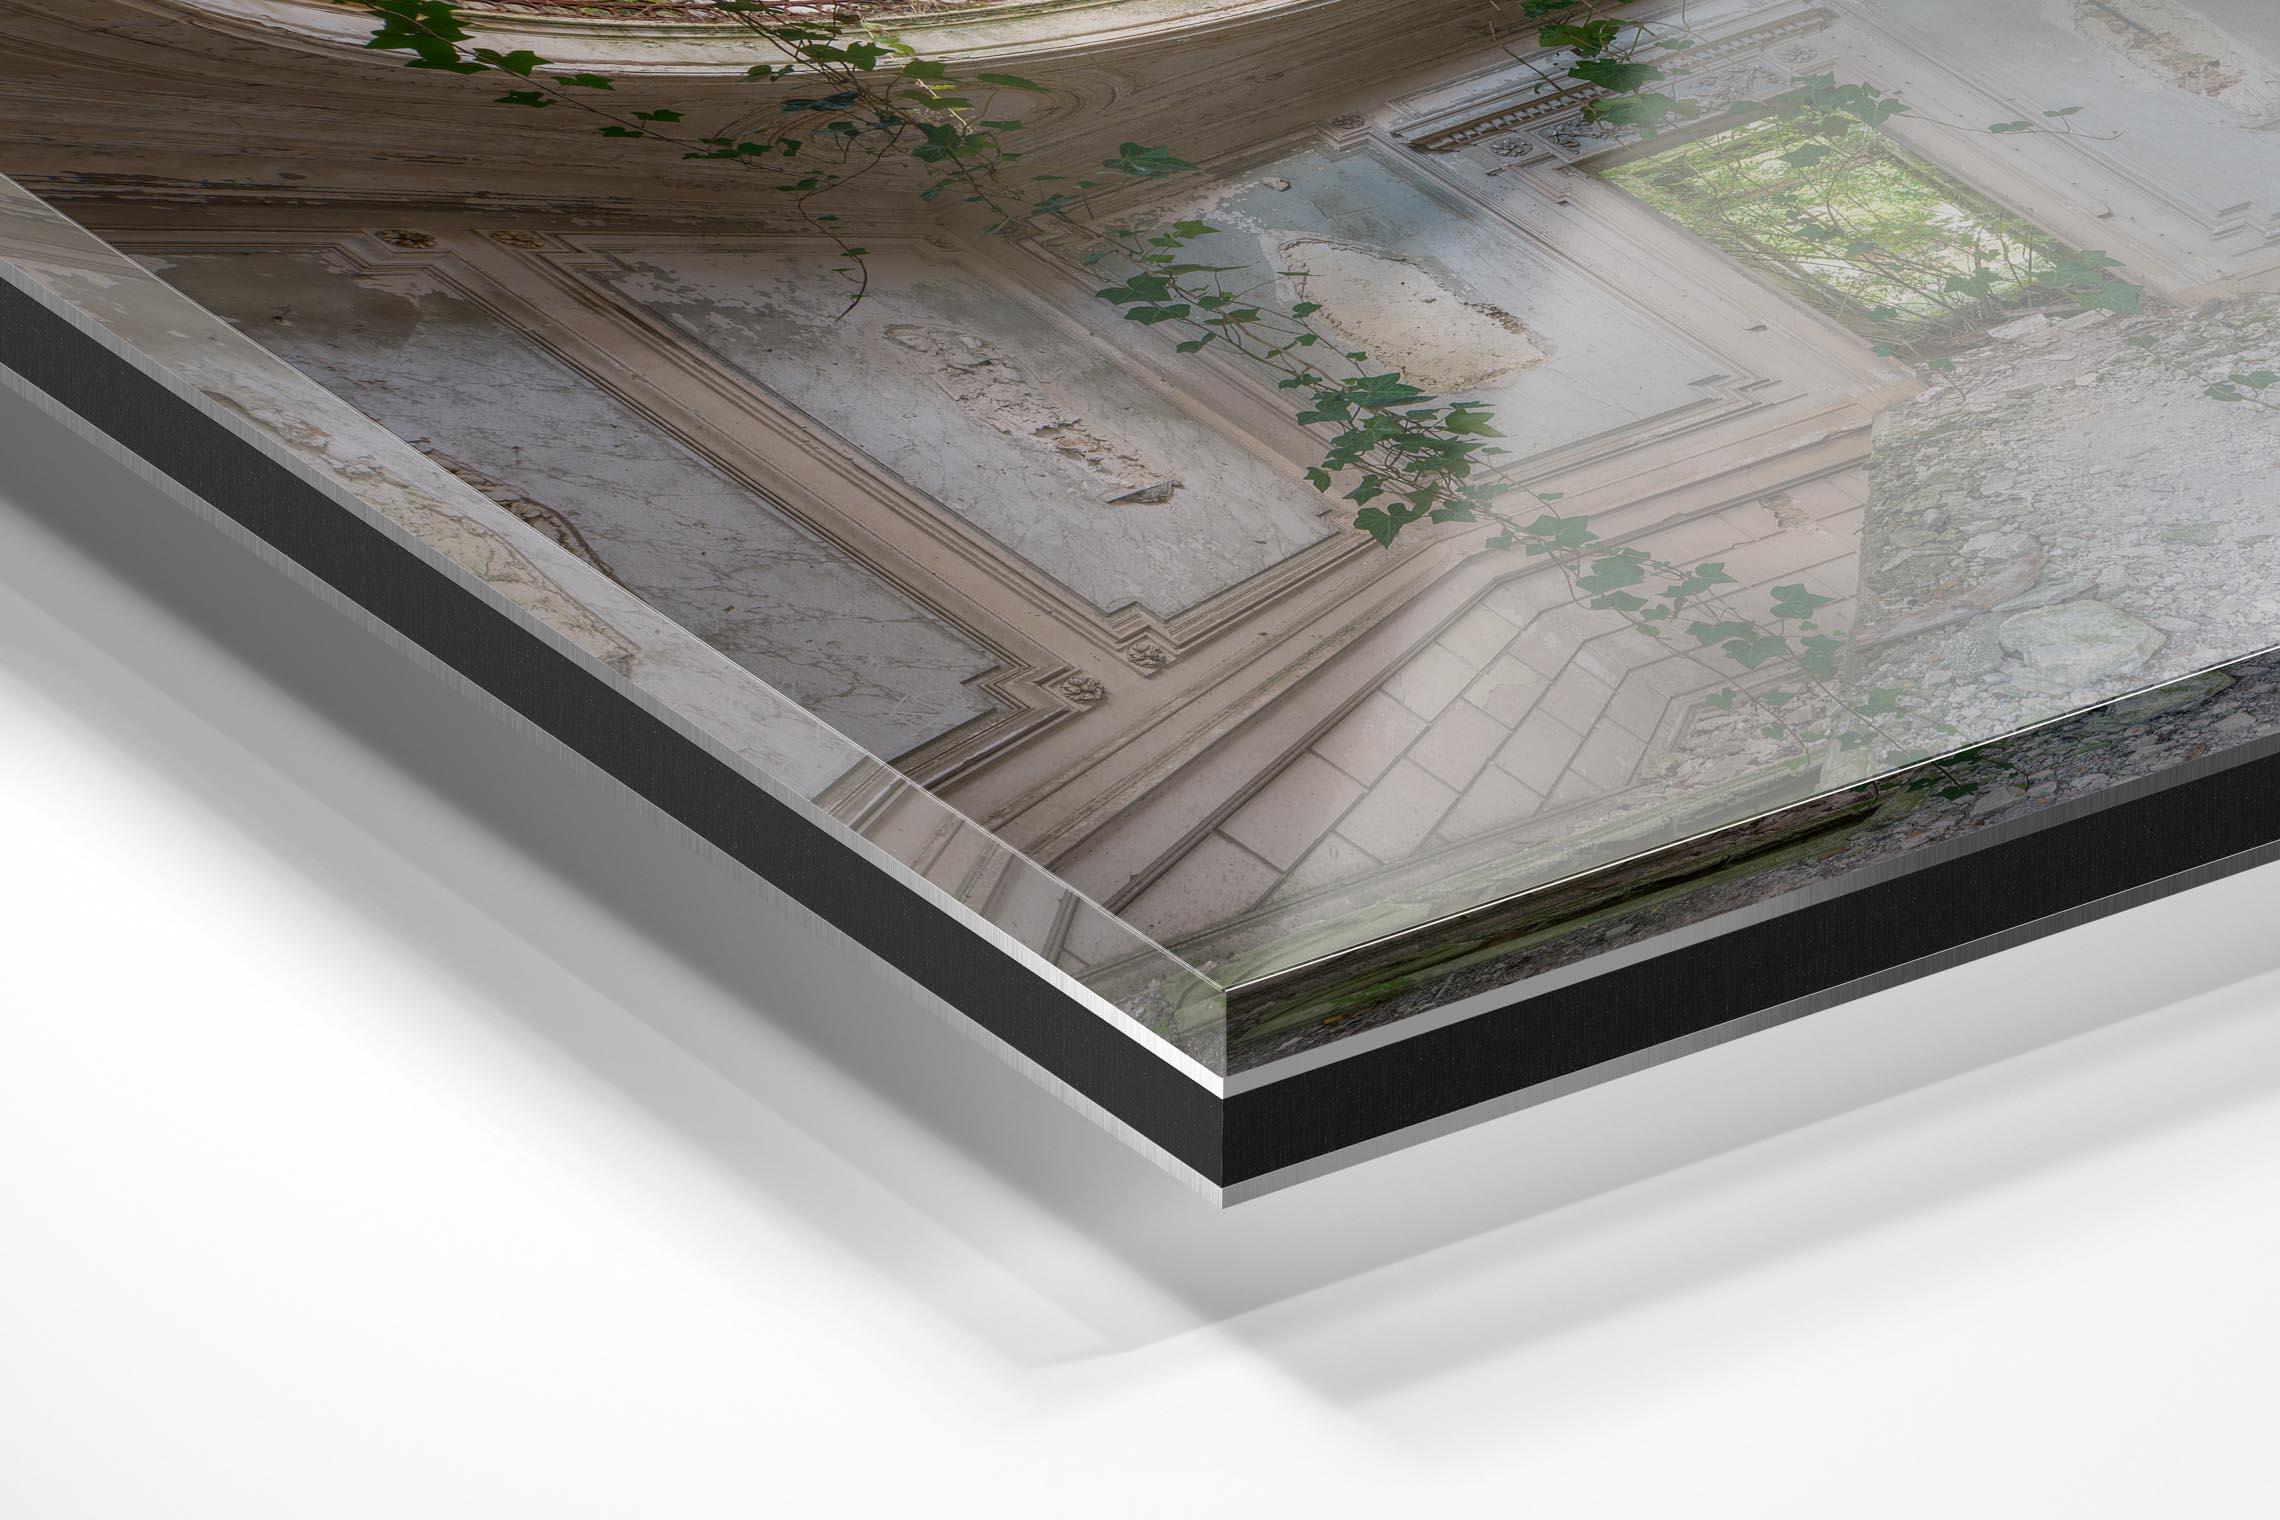 Baksteen Productions - wandecoratie schilderij uitleg -foto papier diBond with Acrylic Glass 2mm